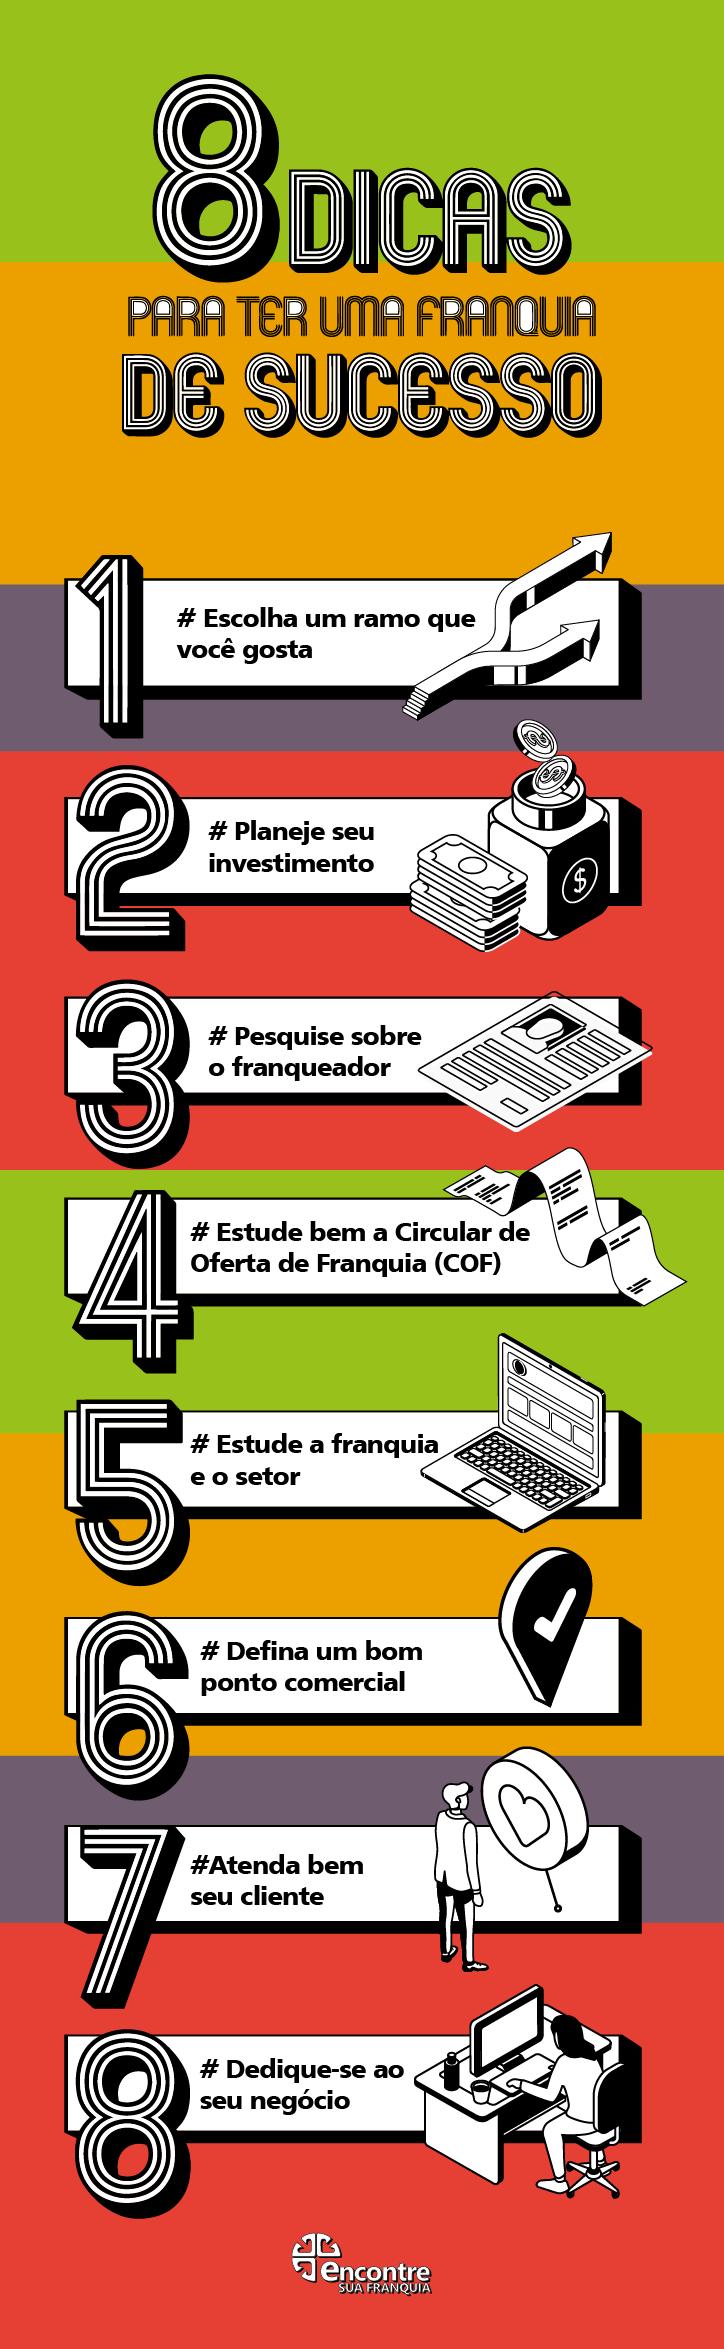 infográfico 8 dicas para abrir uma franquia